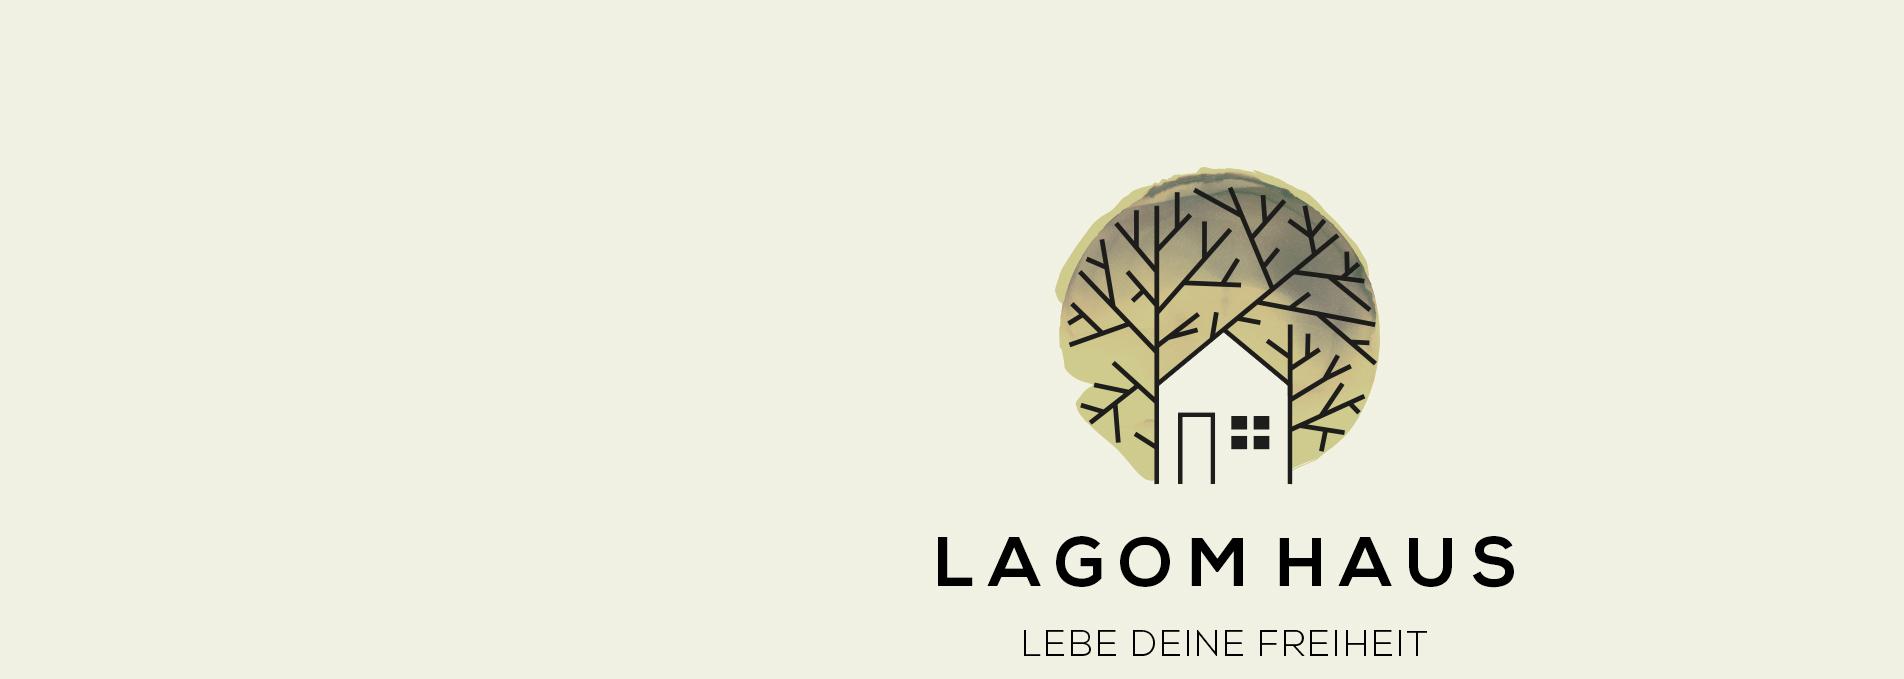 Titelbild Lagom Haus Logo